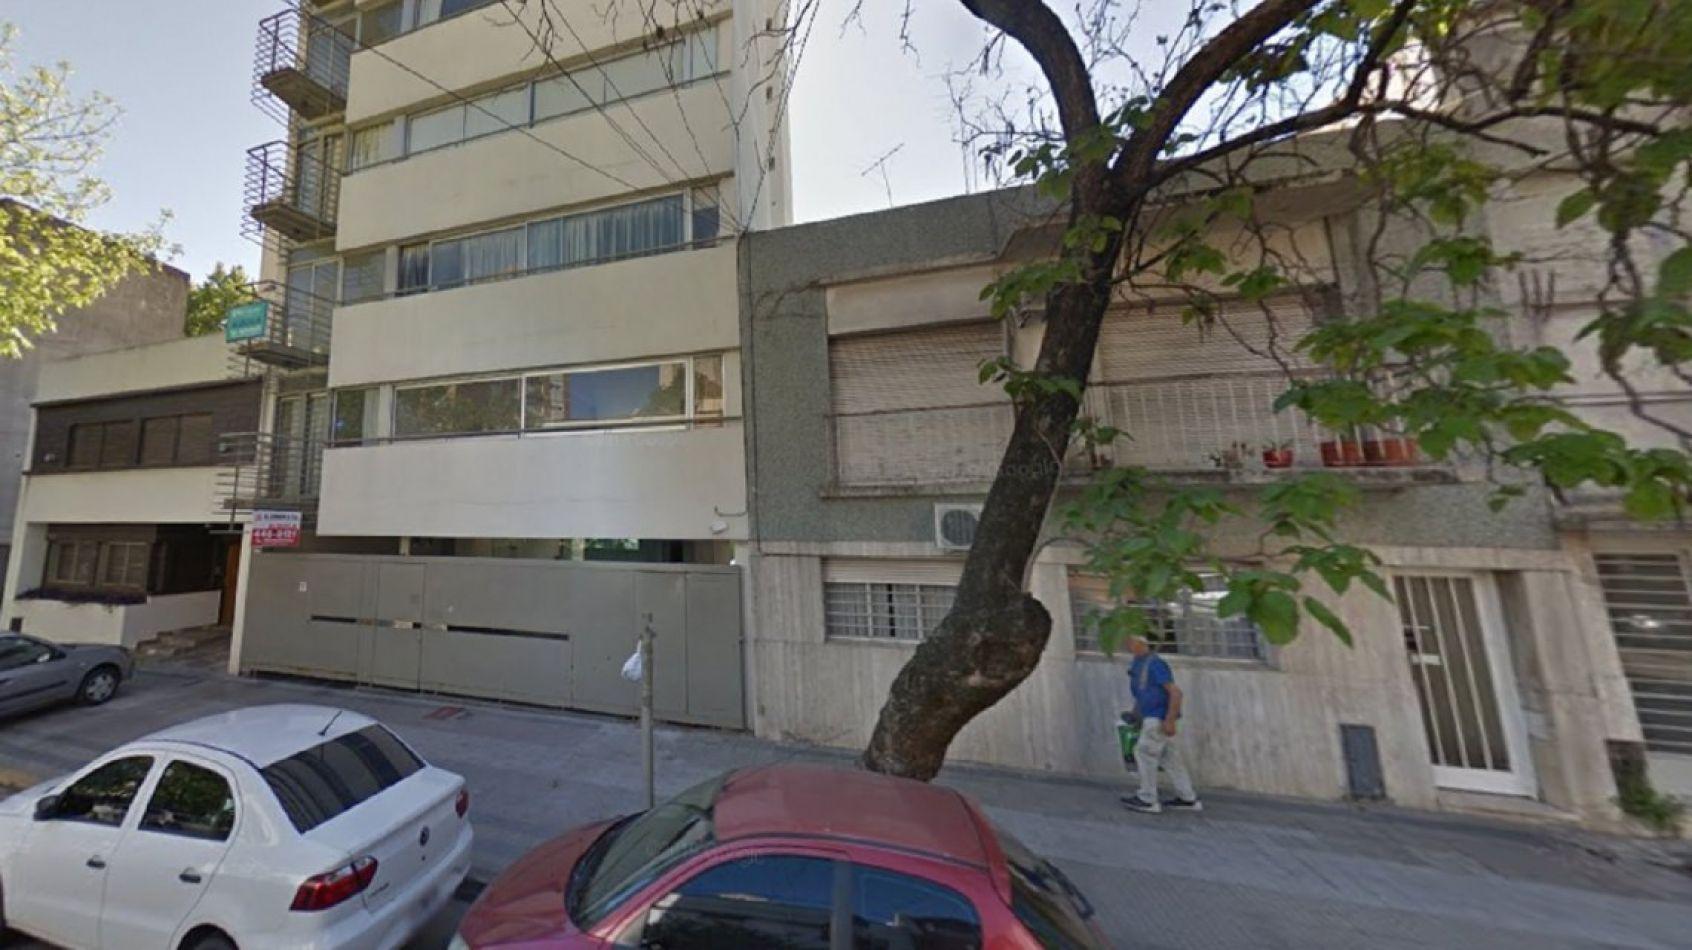 Mujer embarazada murió tras caer de un sexto piso: su pareja fue detenida